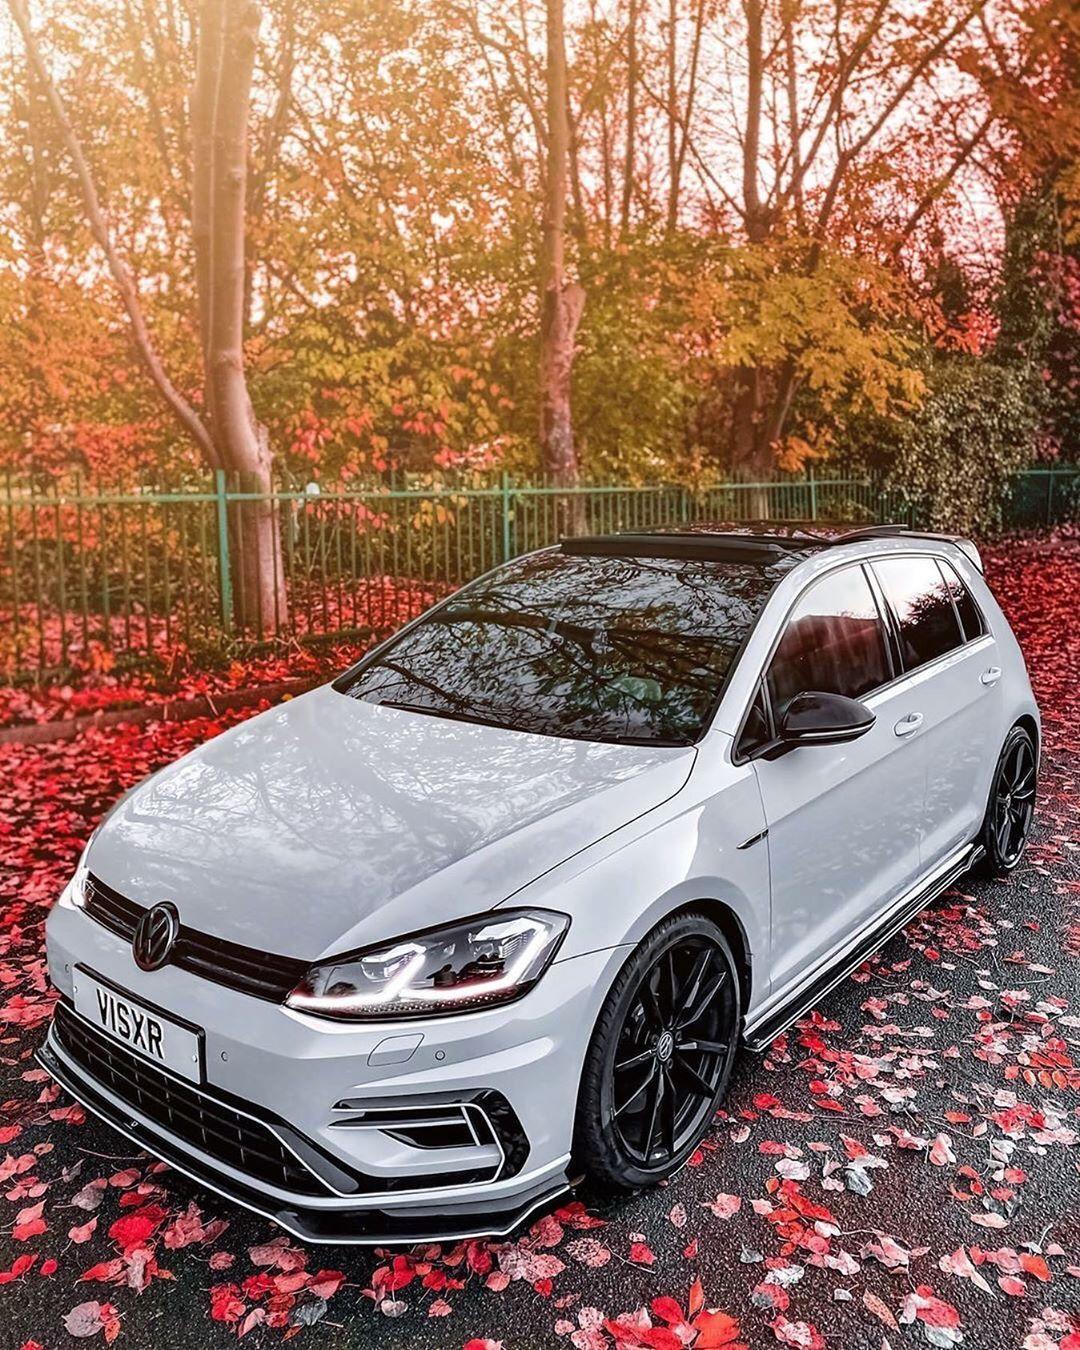 Golf 7 5 R Visxr Golf7r Golfr Golf7 Golfmk7 Golf7gti Golfgti Golf Vw Golf Vwgolf Golf6 Golf In 2020 Car Volkswagen Vw Golf R Mk7 Volkswagen Car